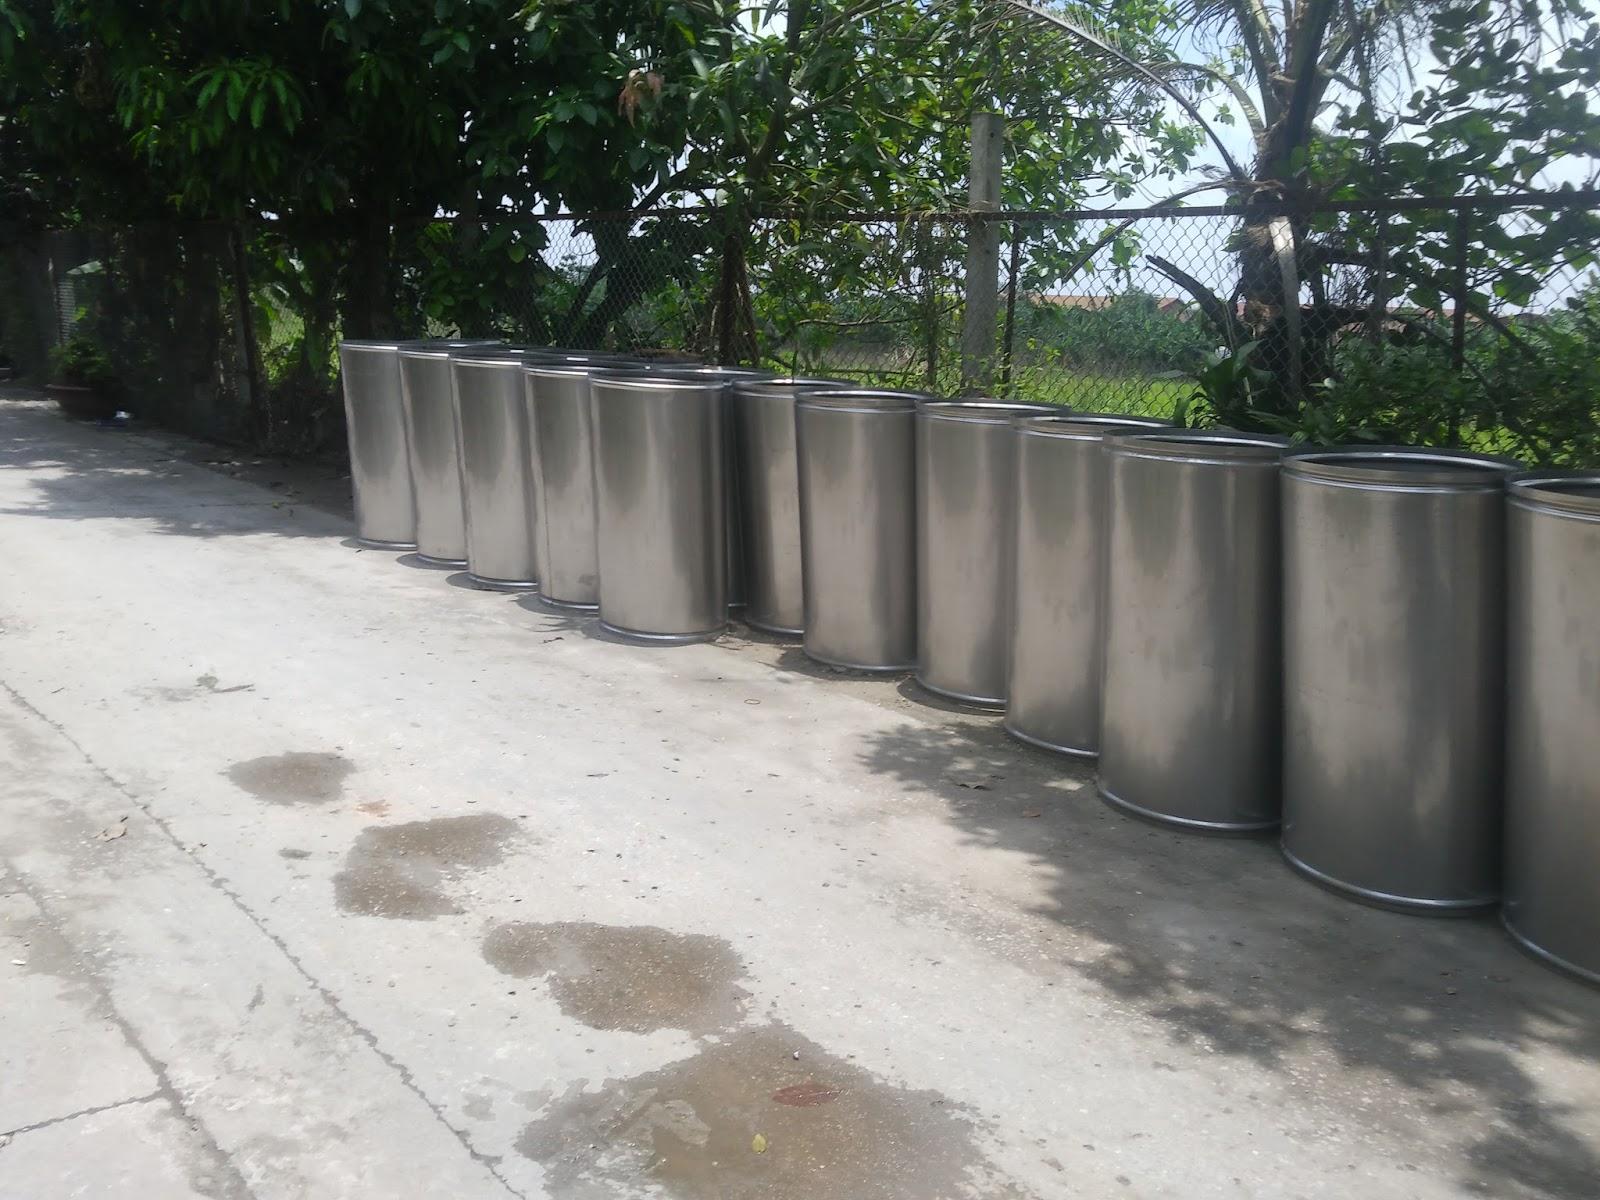 Ống thoát rác được làm từ vật liệu inox với nhiều tính năng vượt trội